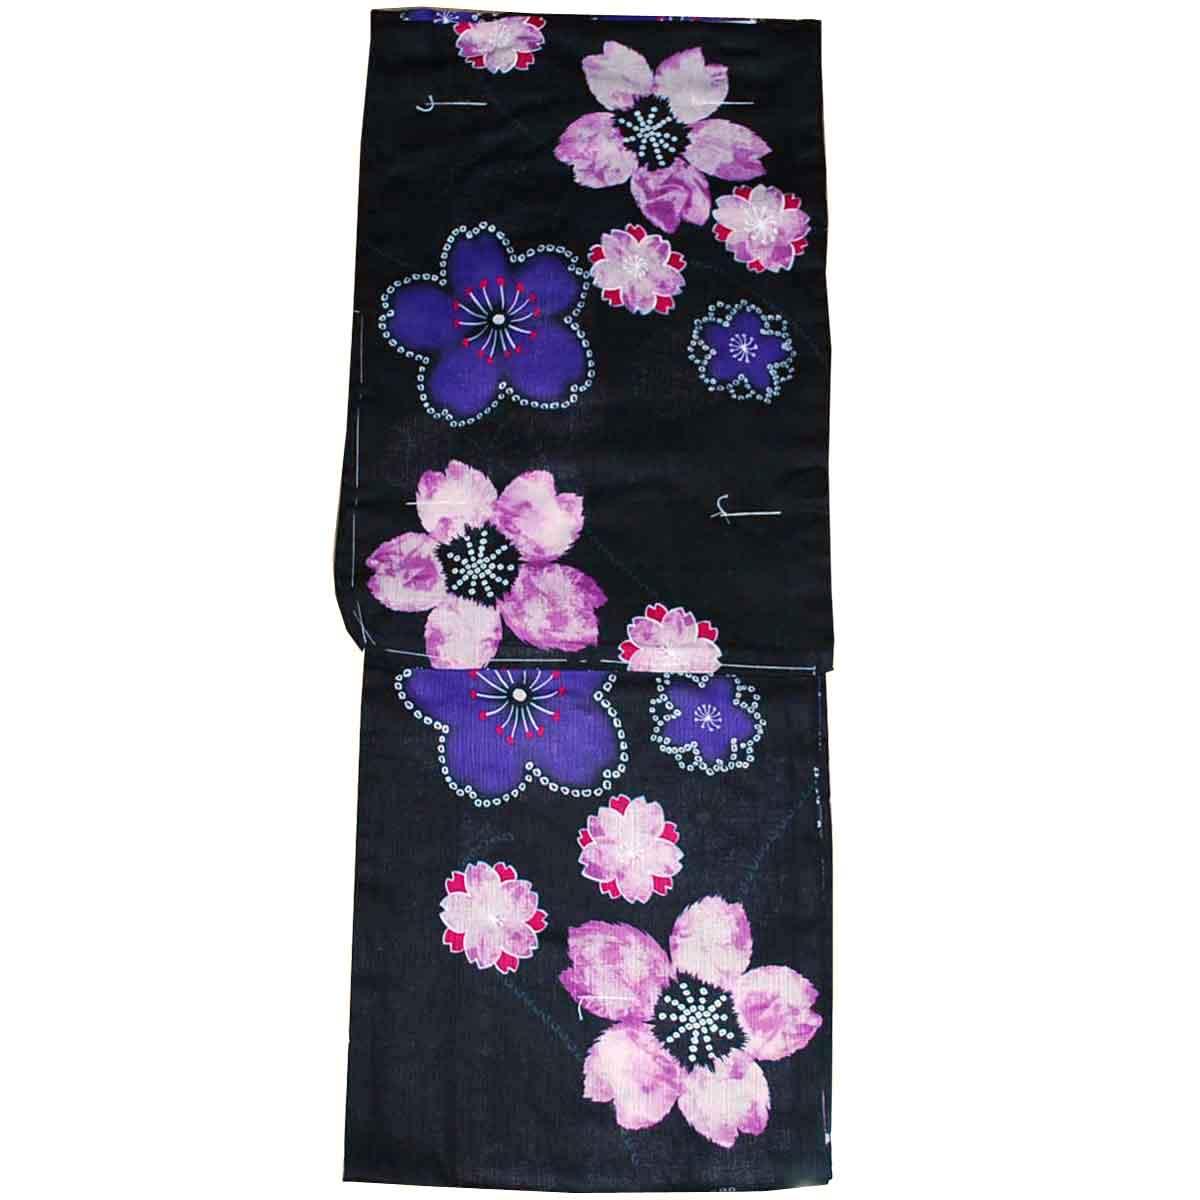 到着後すぐ着れます 女性用 浴衣 フリーサイズ 綿麻 桜 レディース ゆかた 驚きの値段で お買得 黒